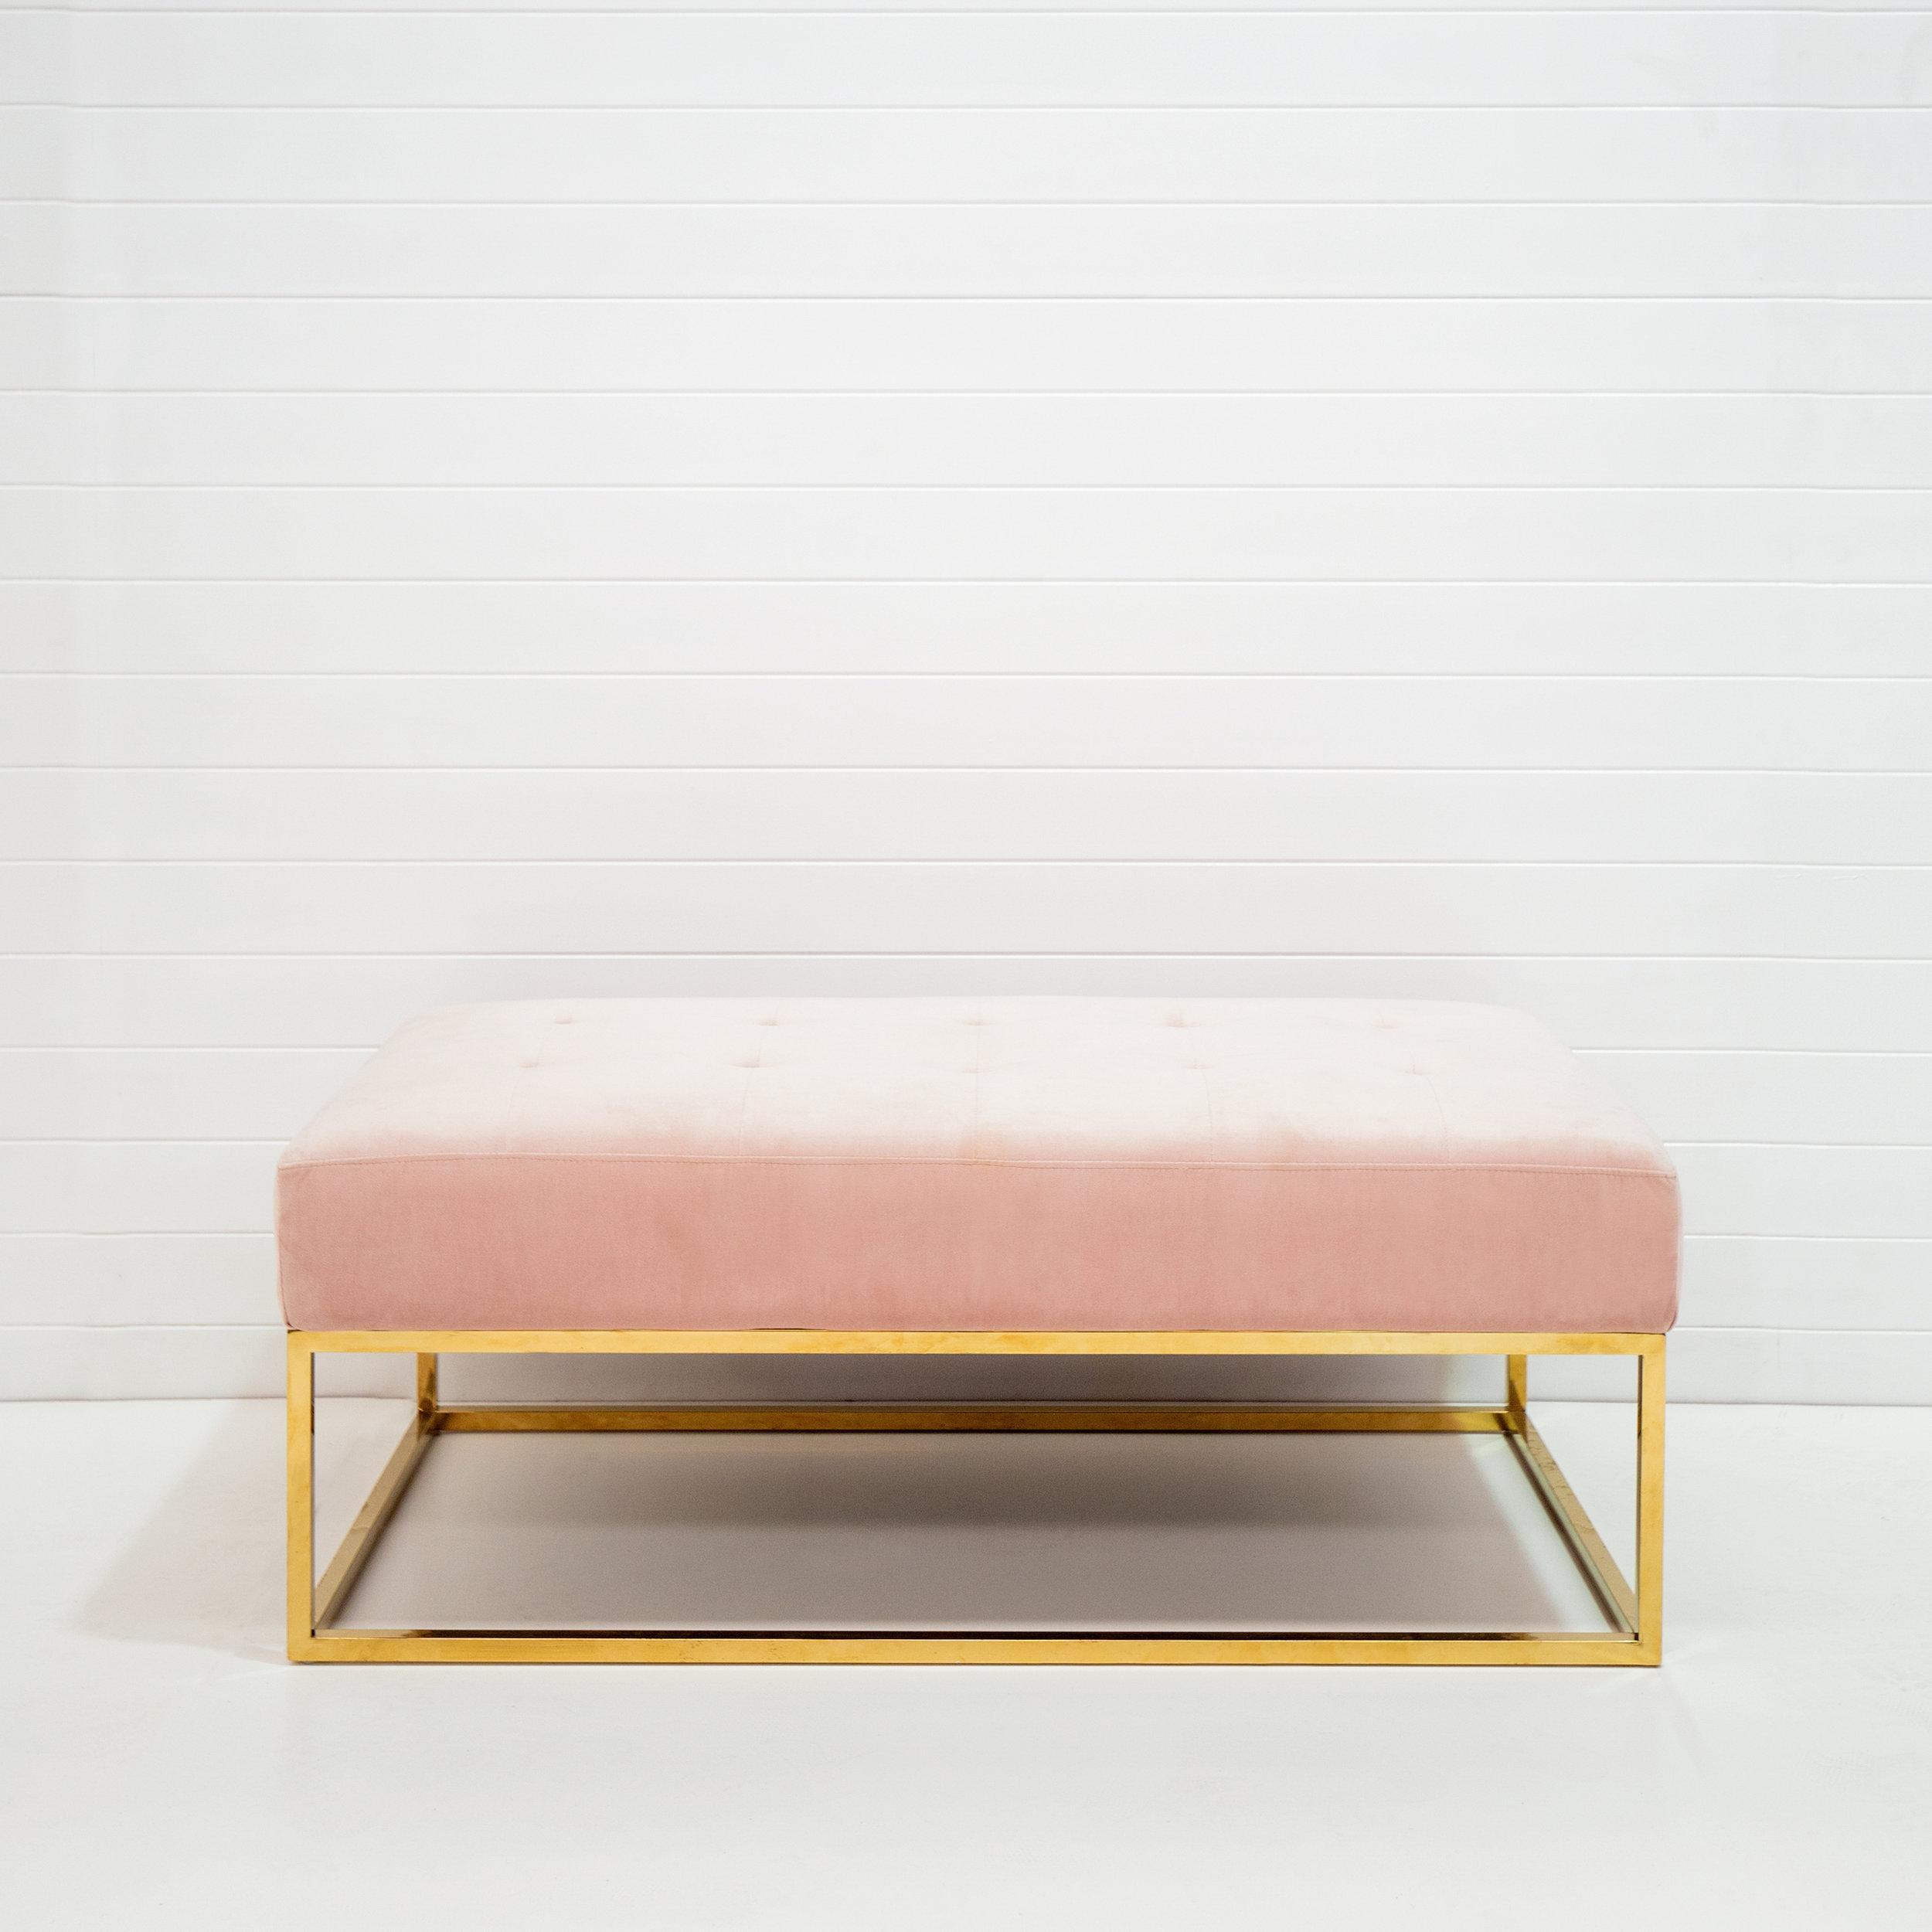 Blush velvet bench ottoman